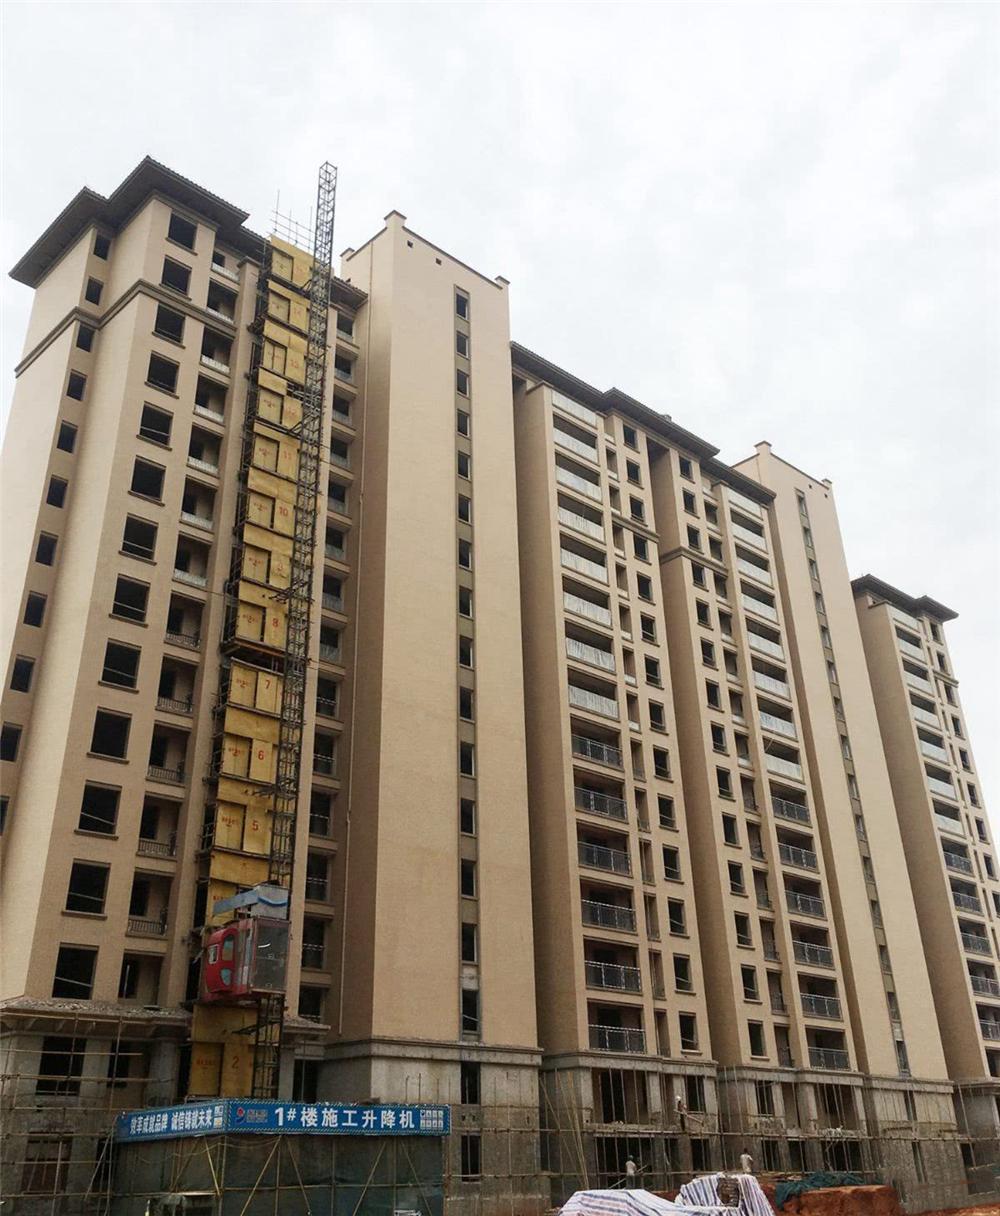 http://yuefangwangimg.oss-cn-hangzhou.aliyuncs.com/uploads/20200430/53d073a0bc9b7c1e07c5723de594a405Max.jpg